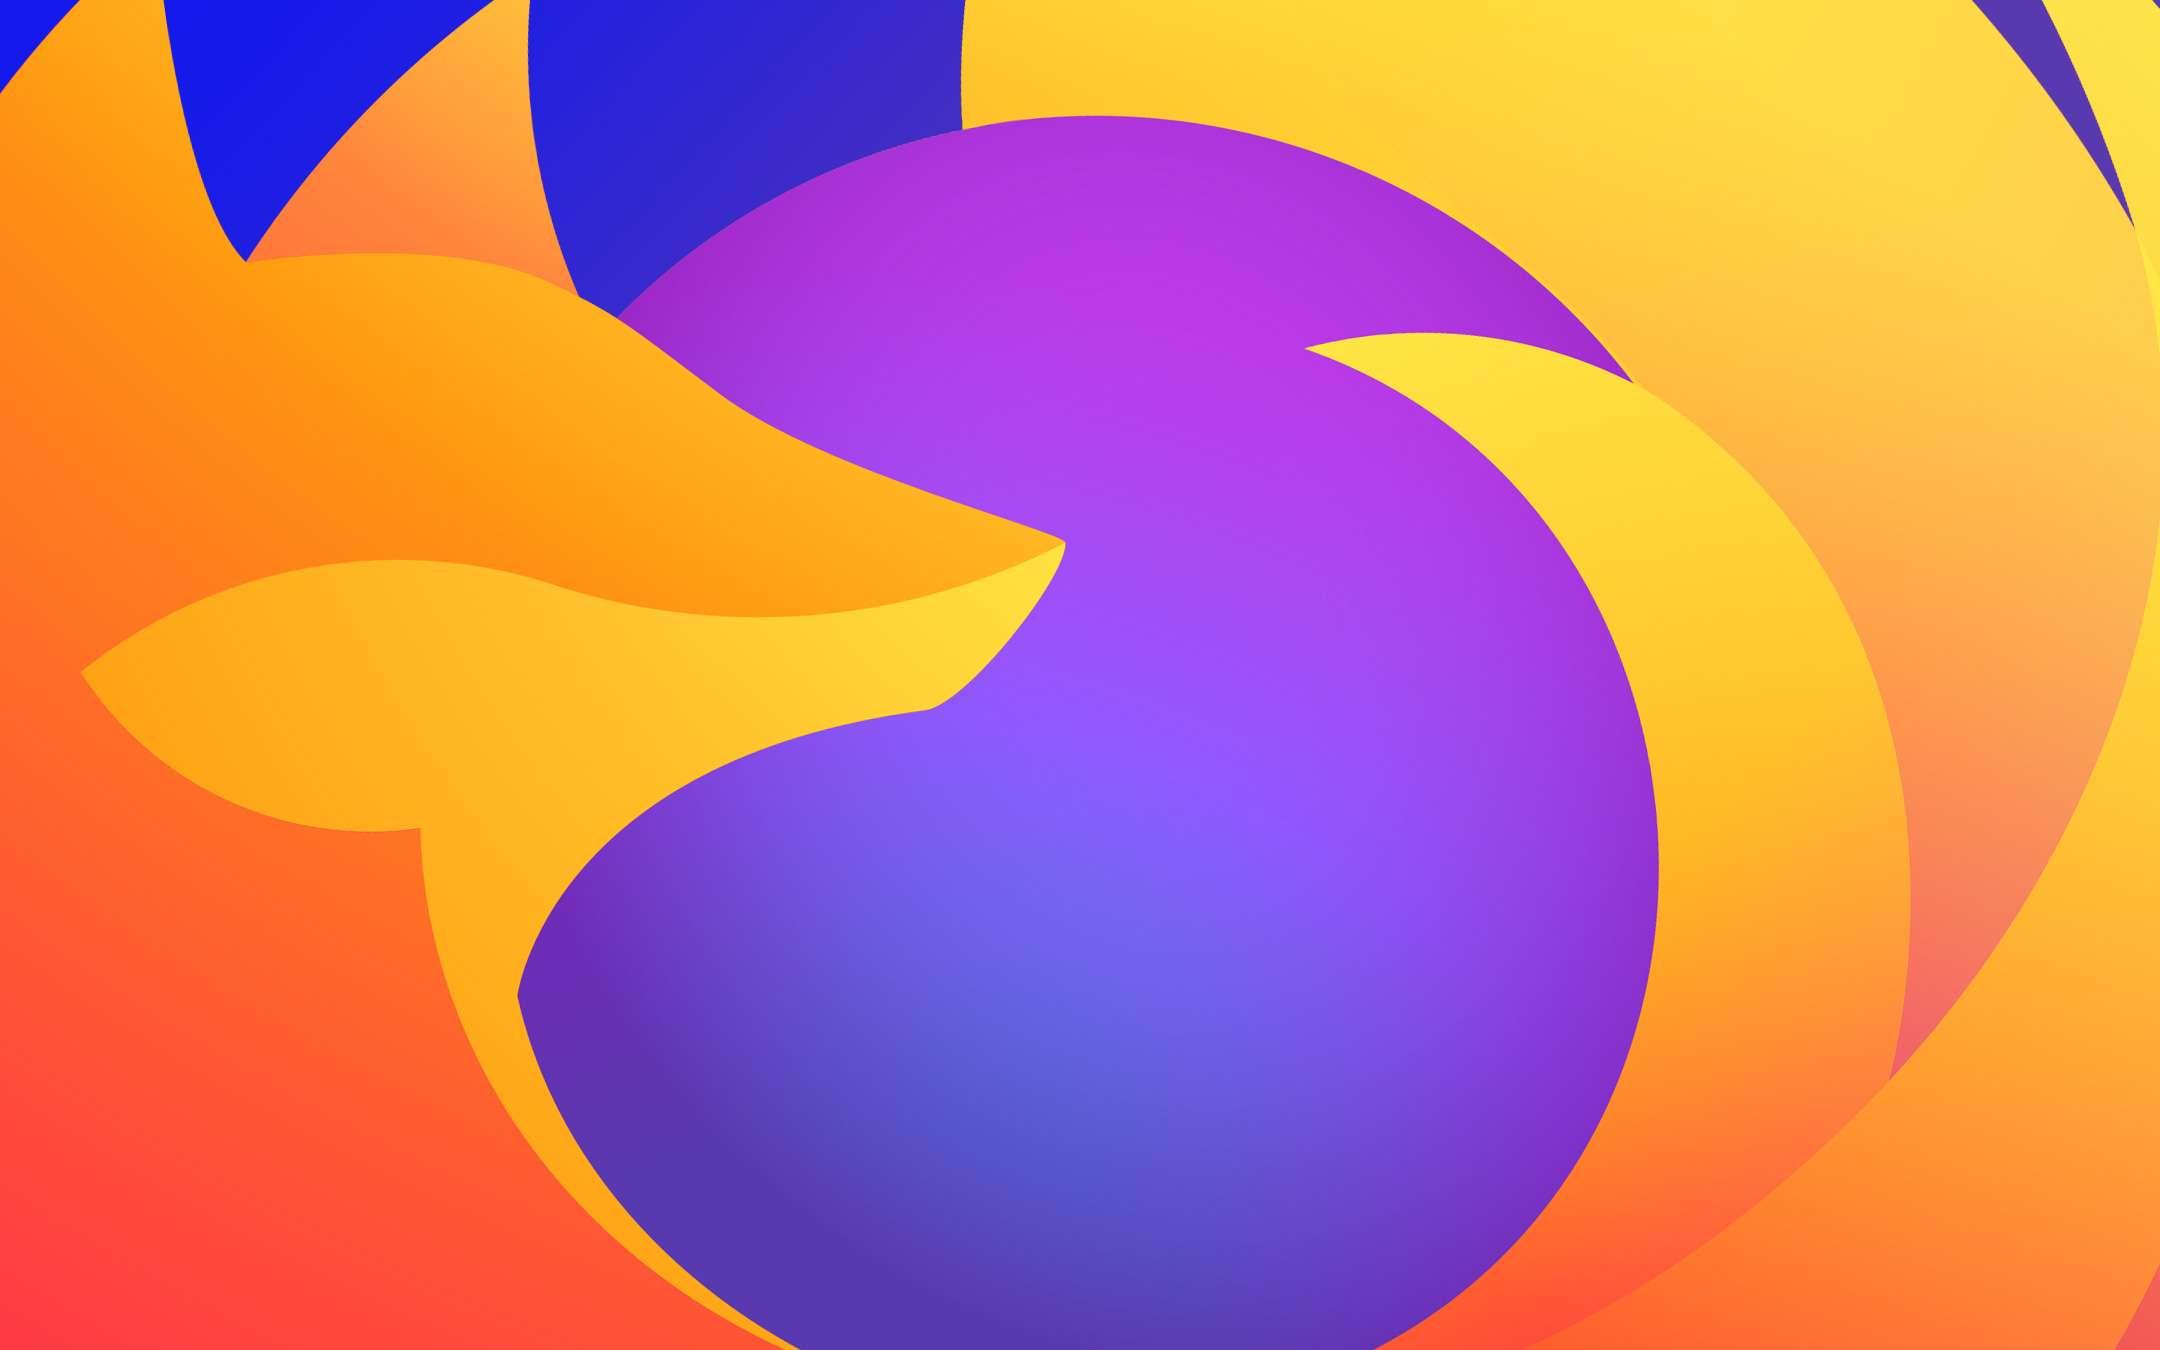 Mozilla Firefox: Proton and Skeleton UI